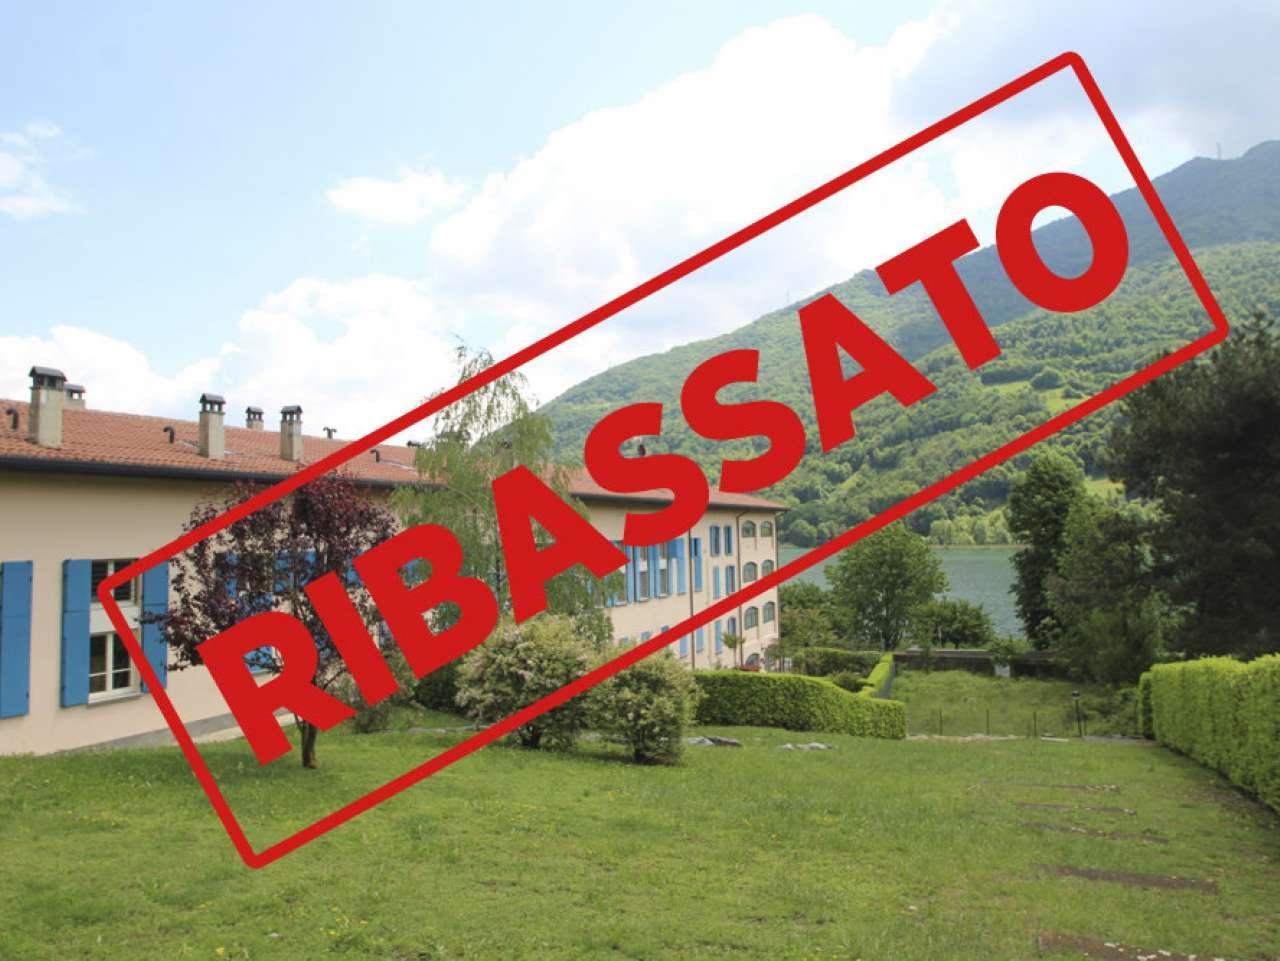 Appartamento in vendita a Ranzanico, 3 locali, prezzo € 73.000 | CambioCasa.it